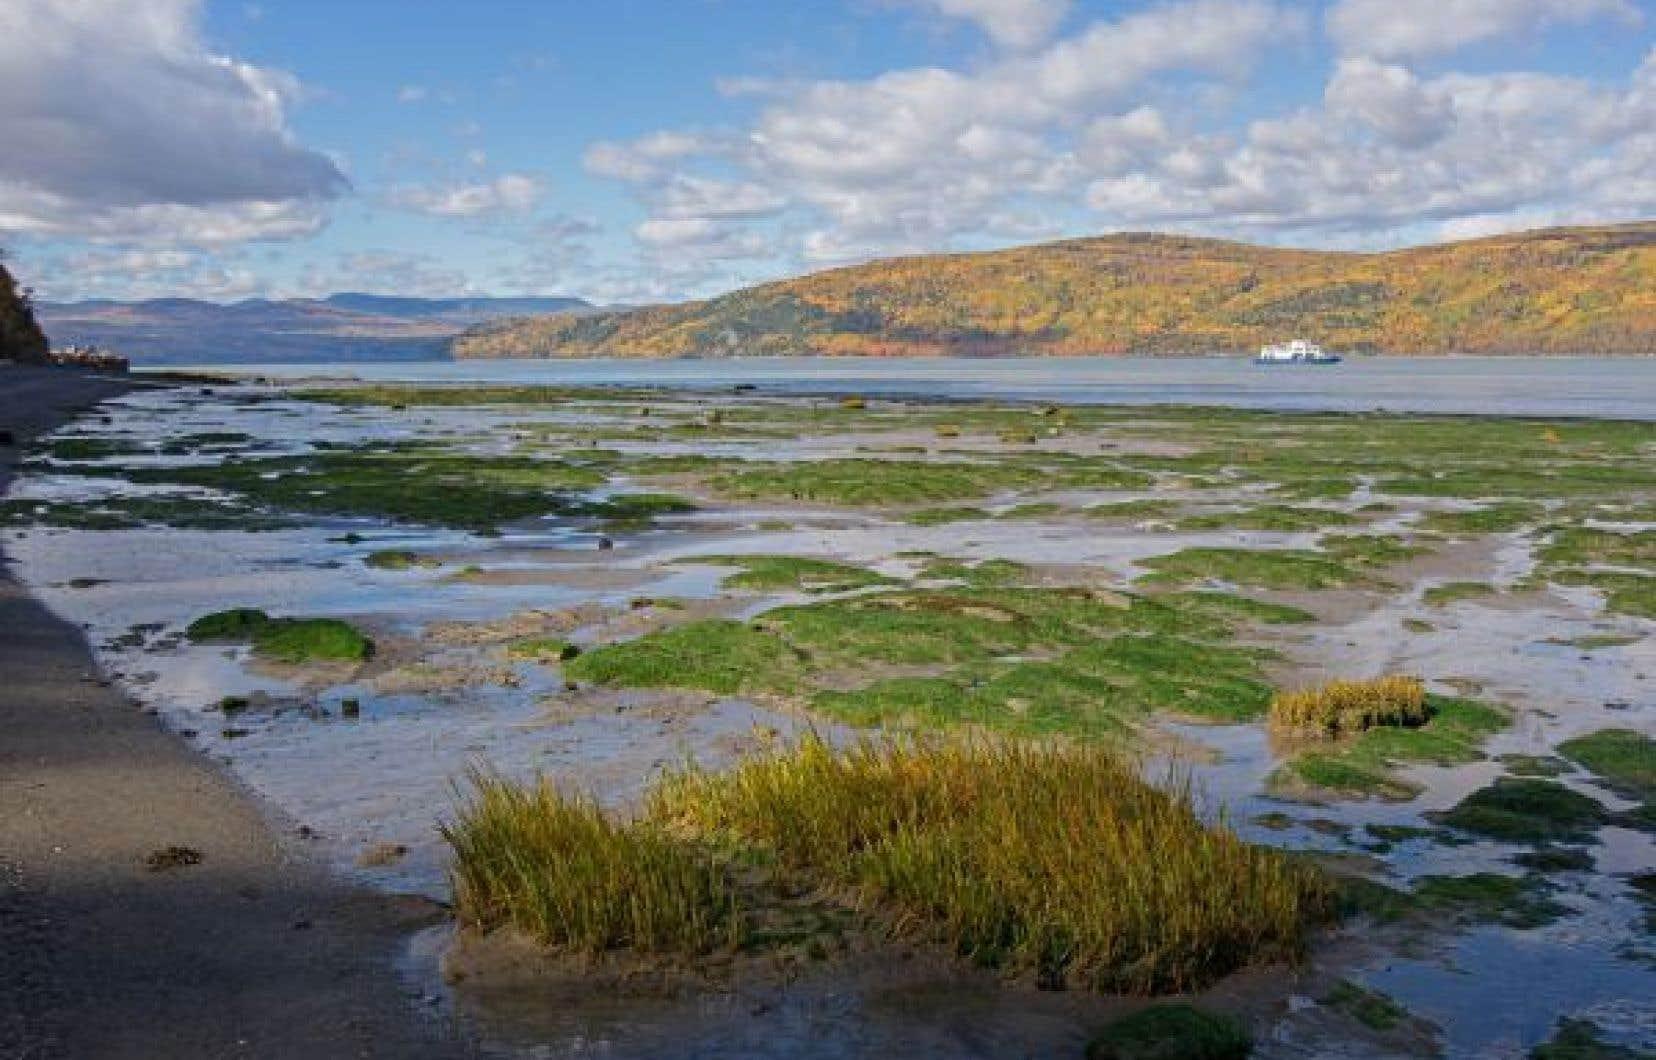 La chercheuse tente de déterminer  les processus climatiques et océaniques qui causent la raréfaction de l'oxygène dans les eaux.